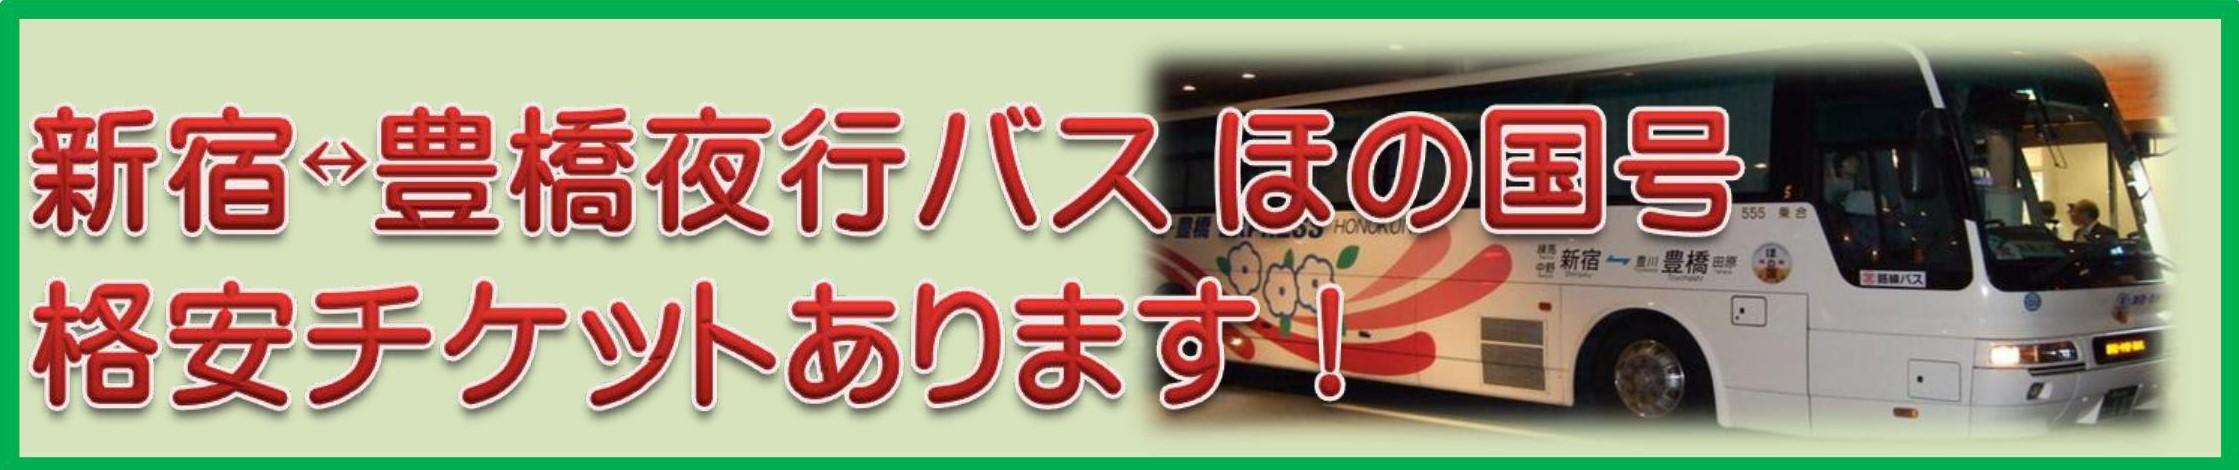 豊橋金券ショップフリーチケット|夜行バス・ほの国号